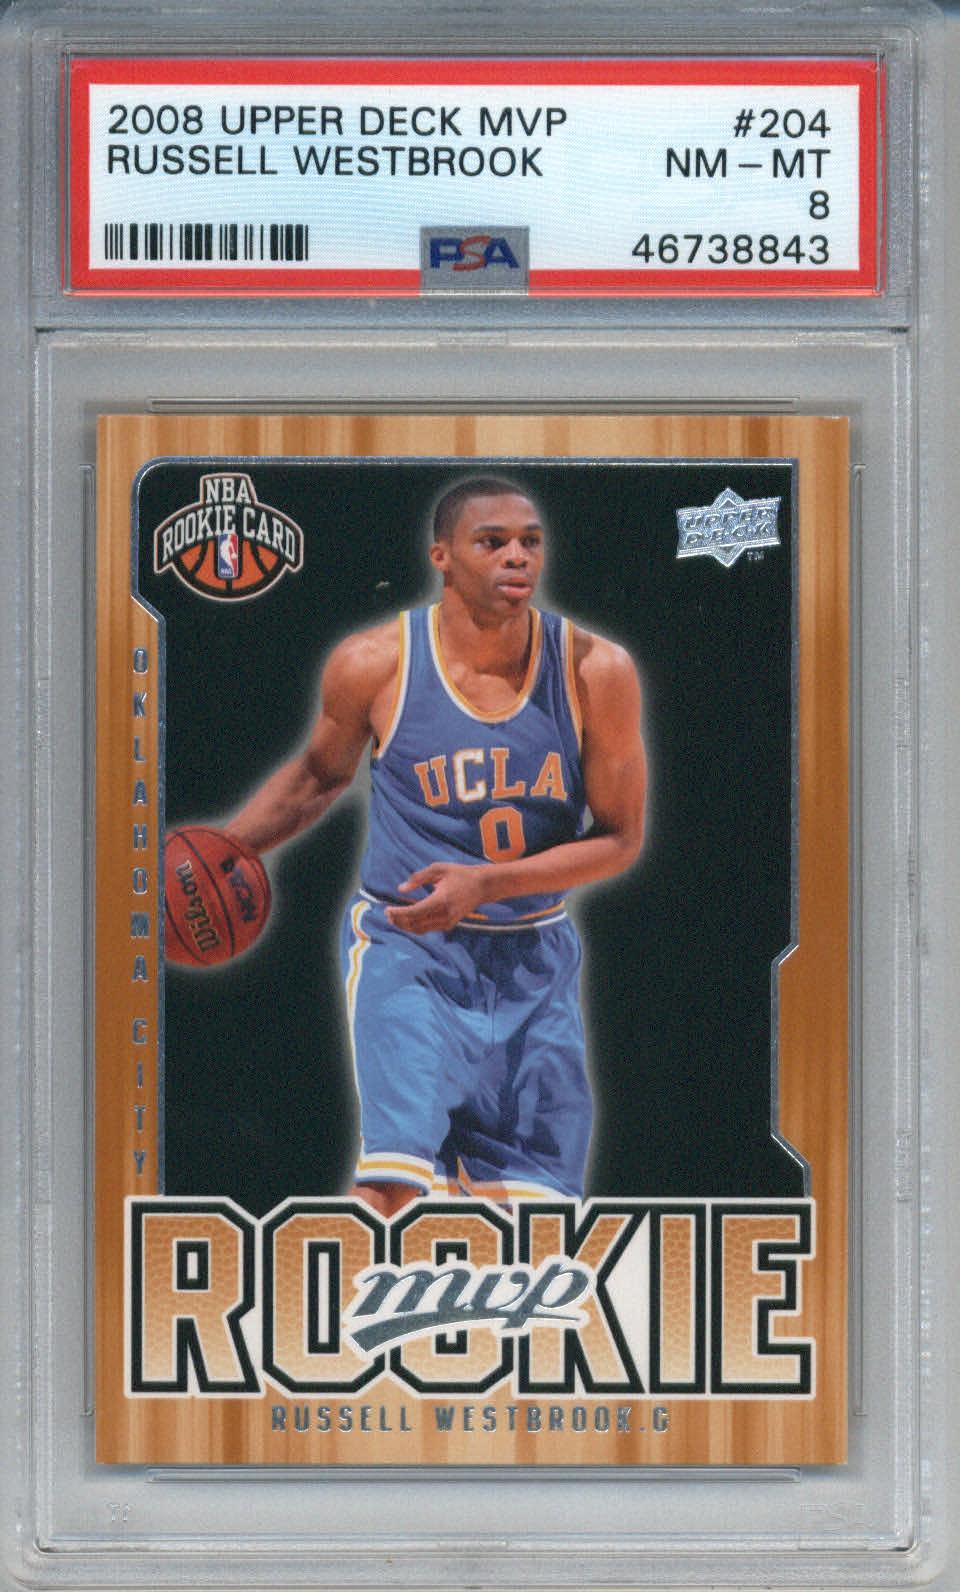 2008 Upper Deck MVP #204 Russell Westbrook PSA 8